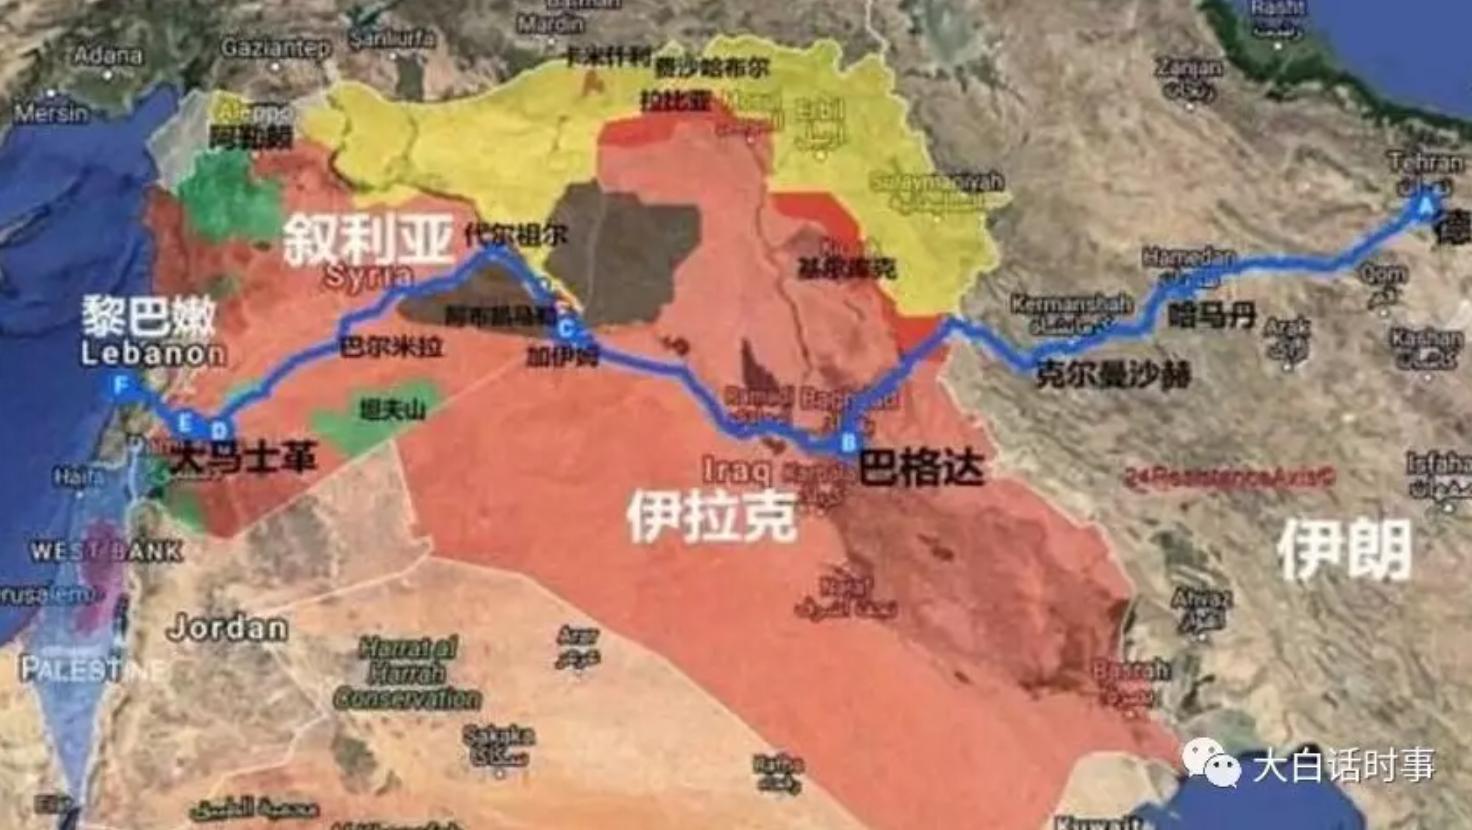 得中东者得天下,万字分析美国伊朗战争原因插图1